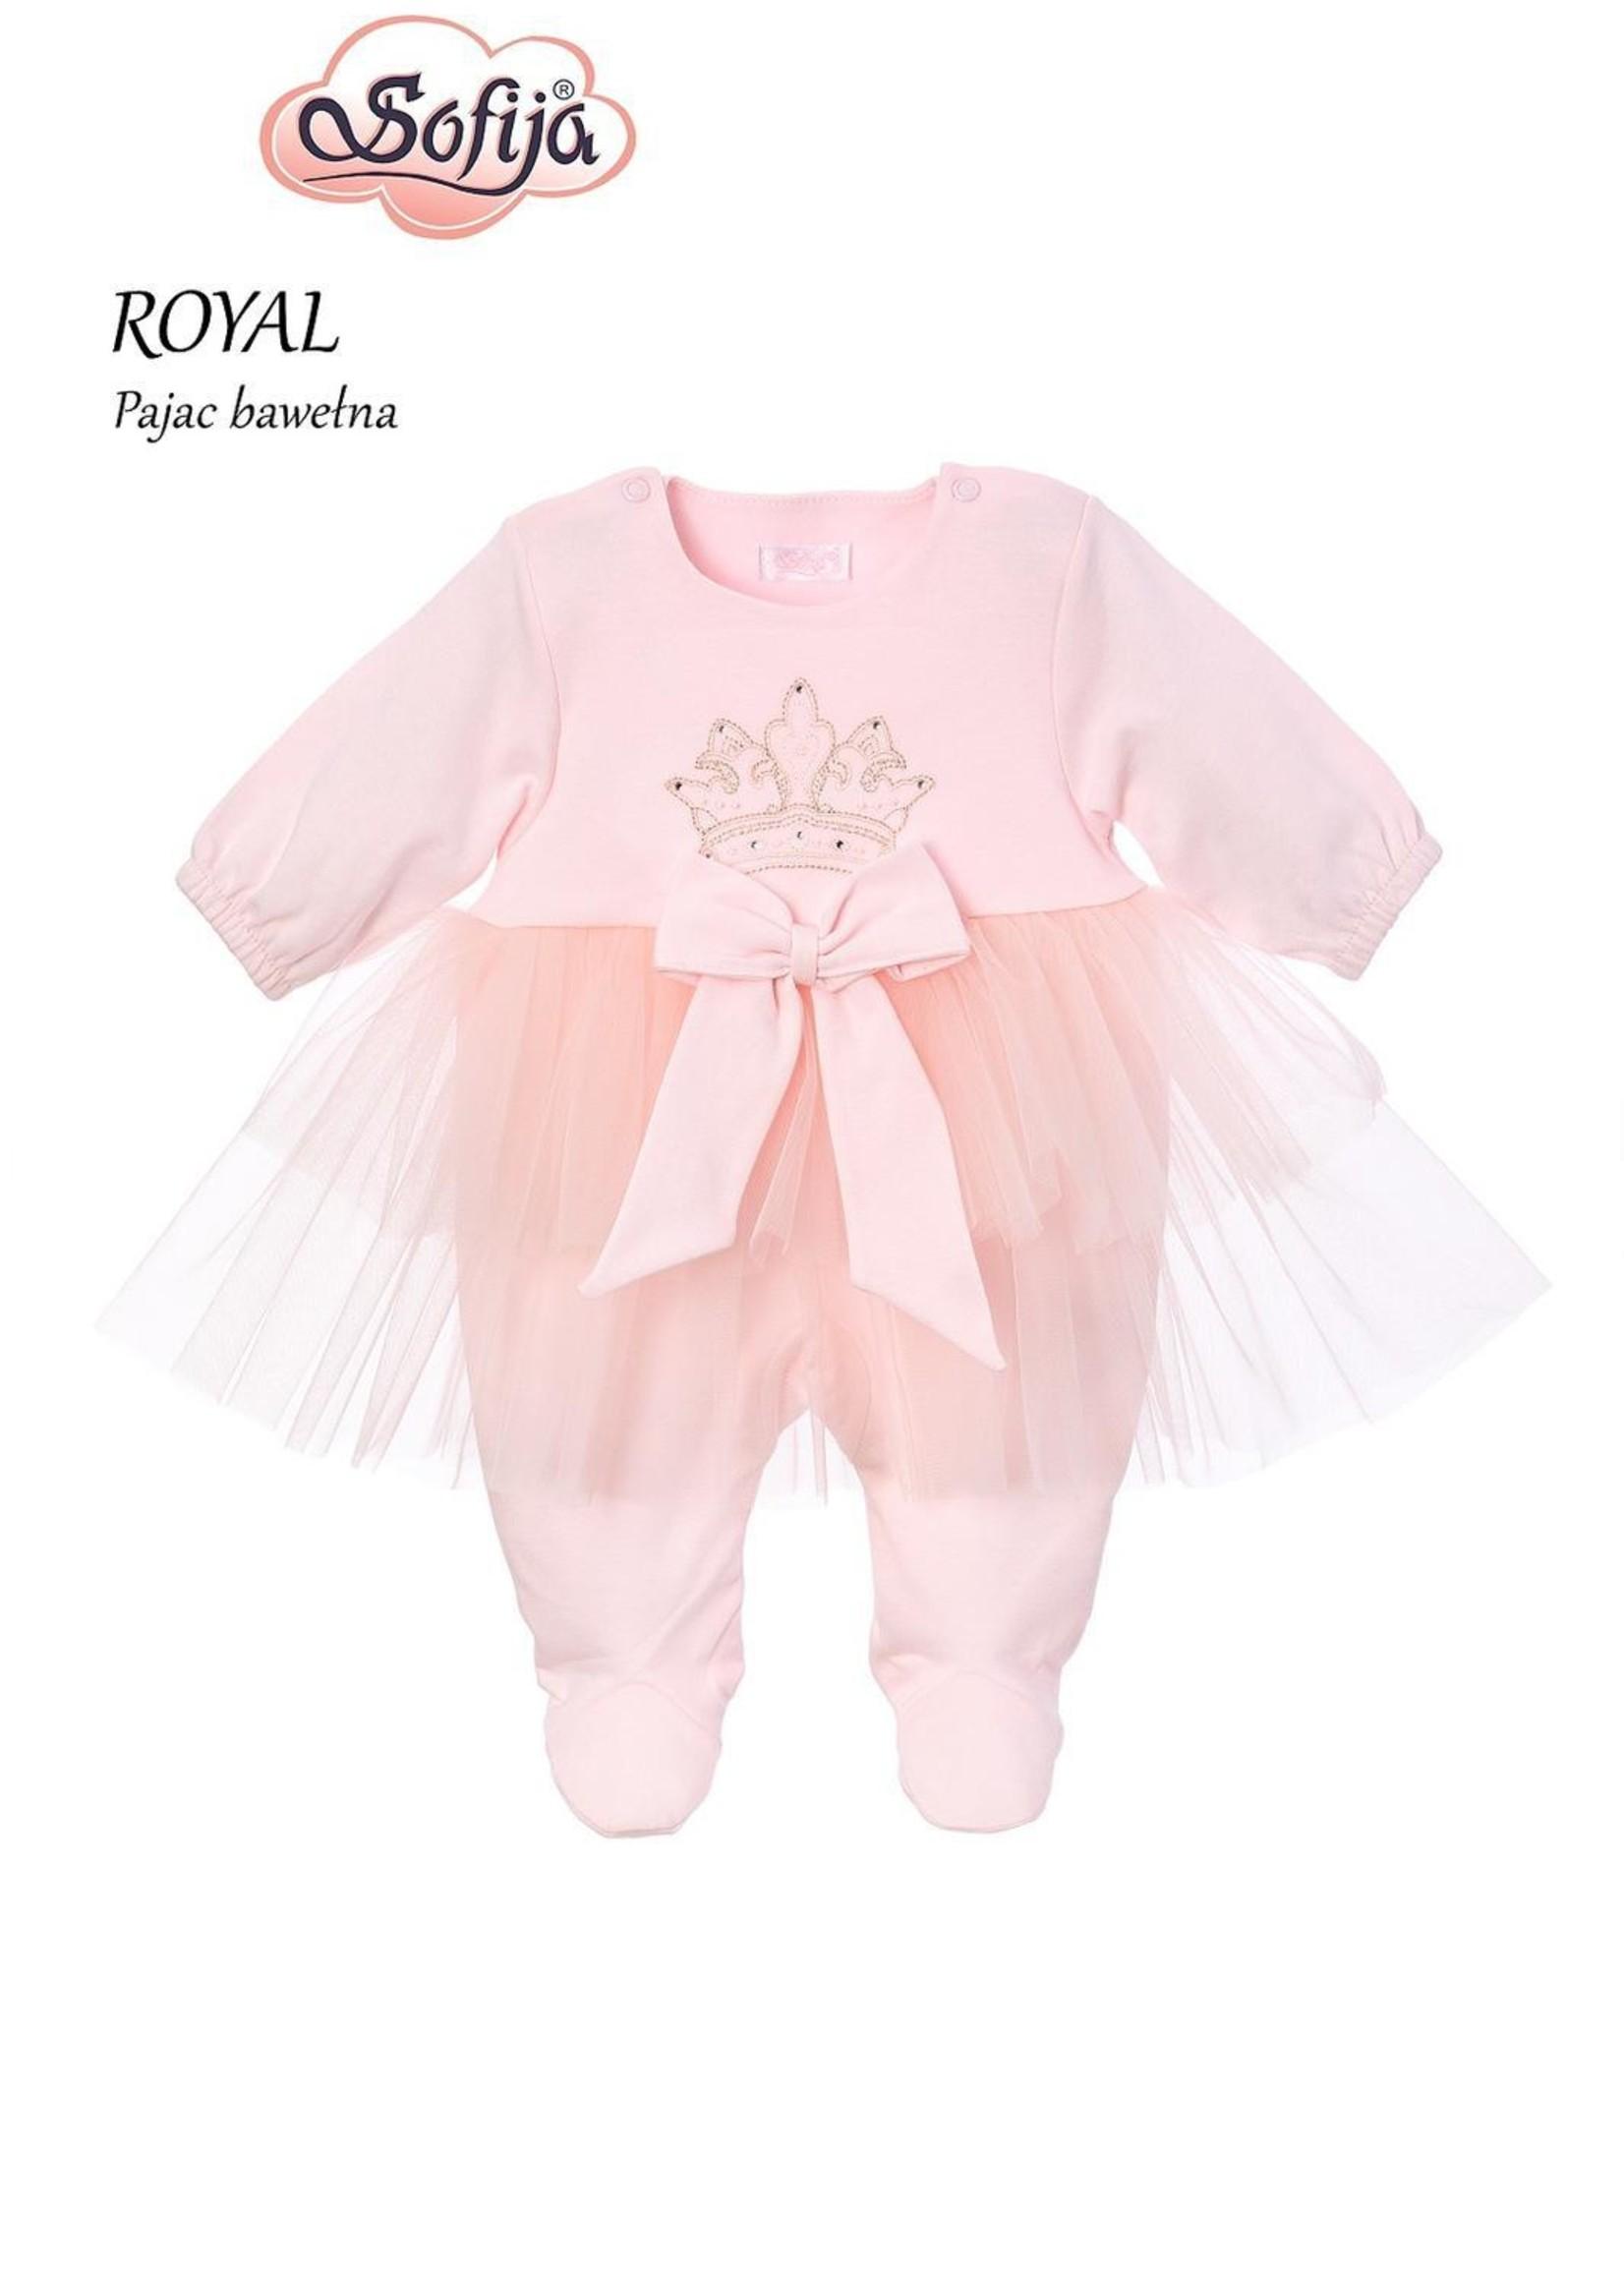 Sofija Sofija royal babypakje roze